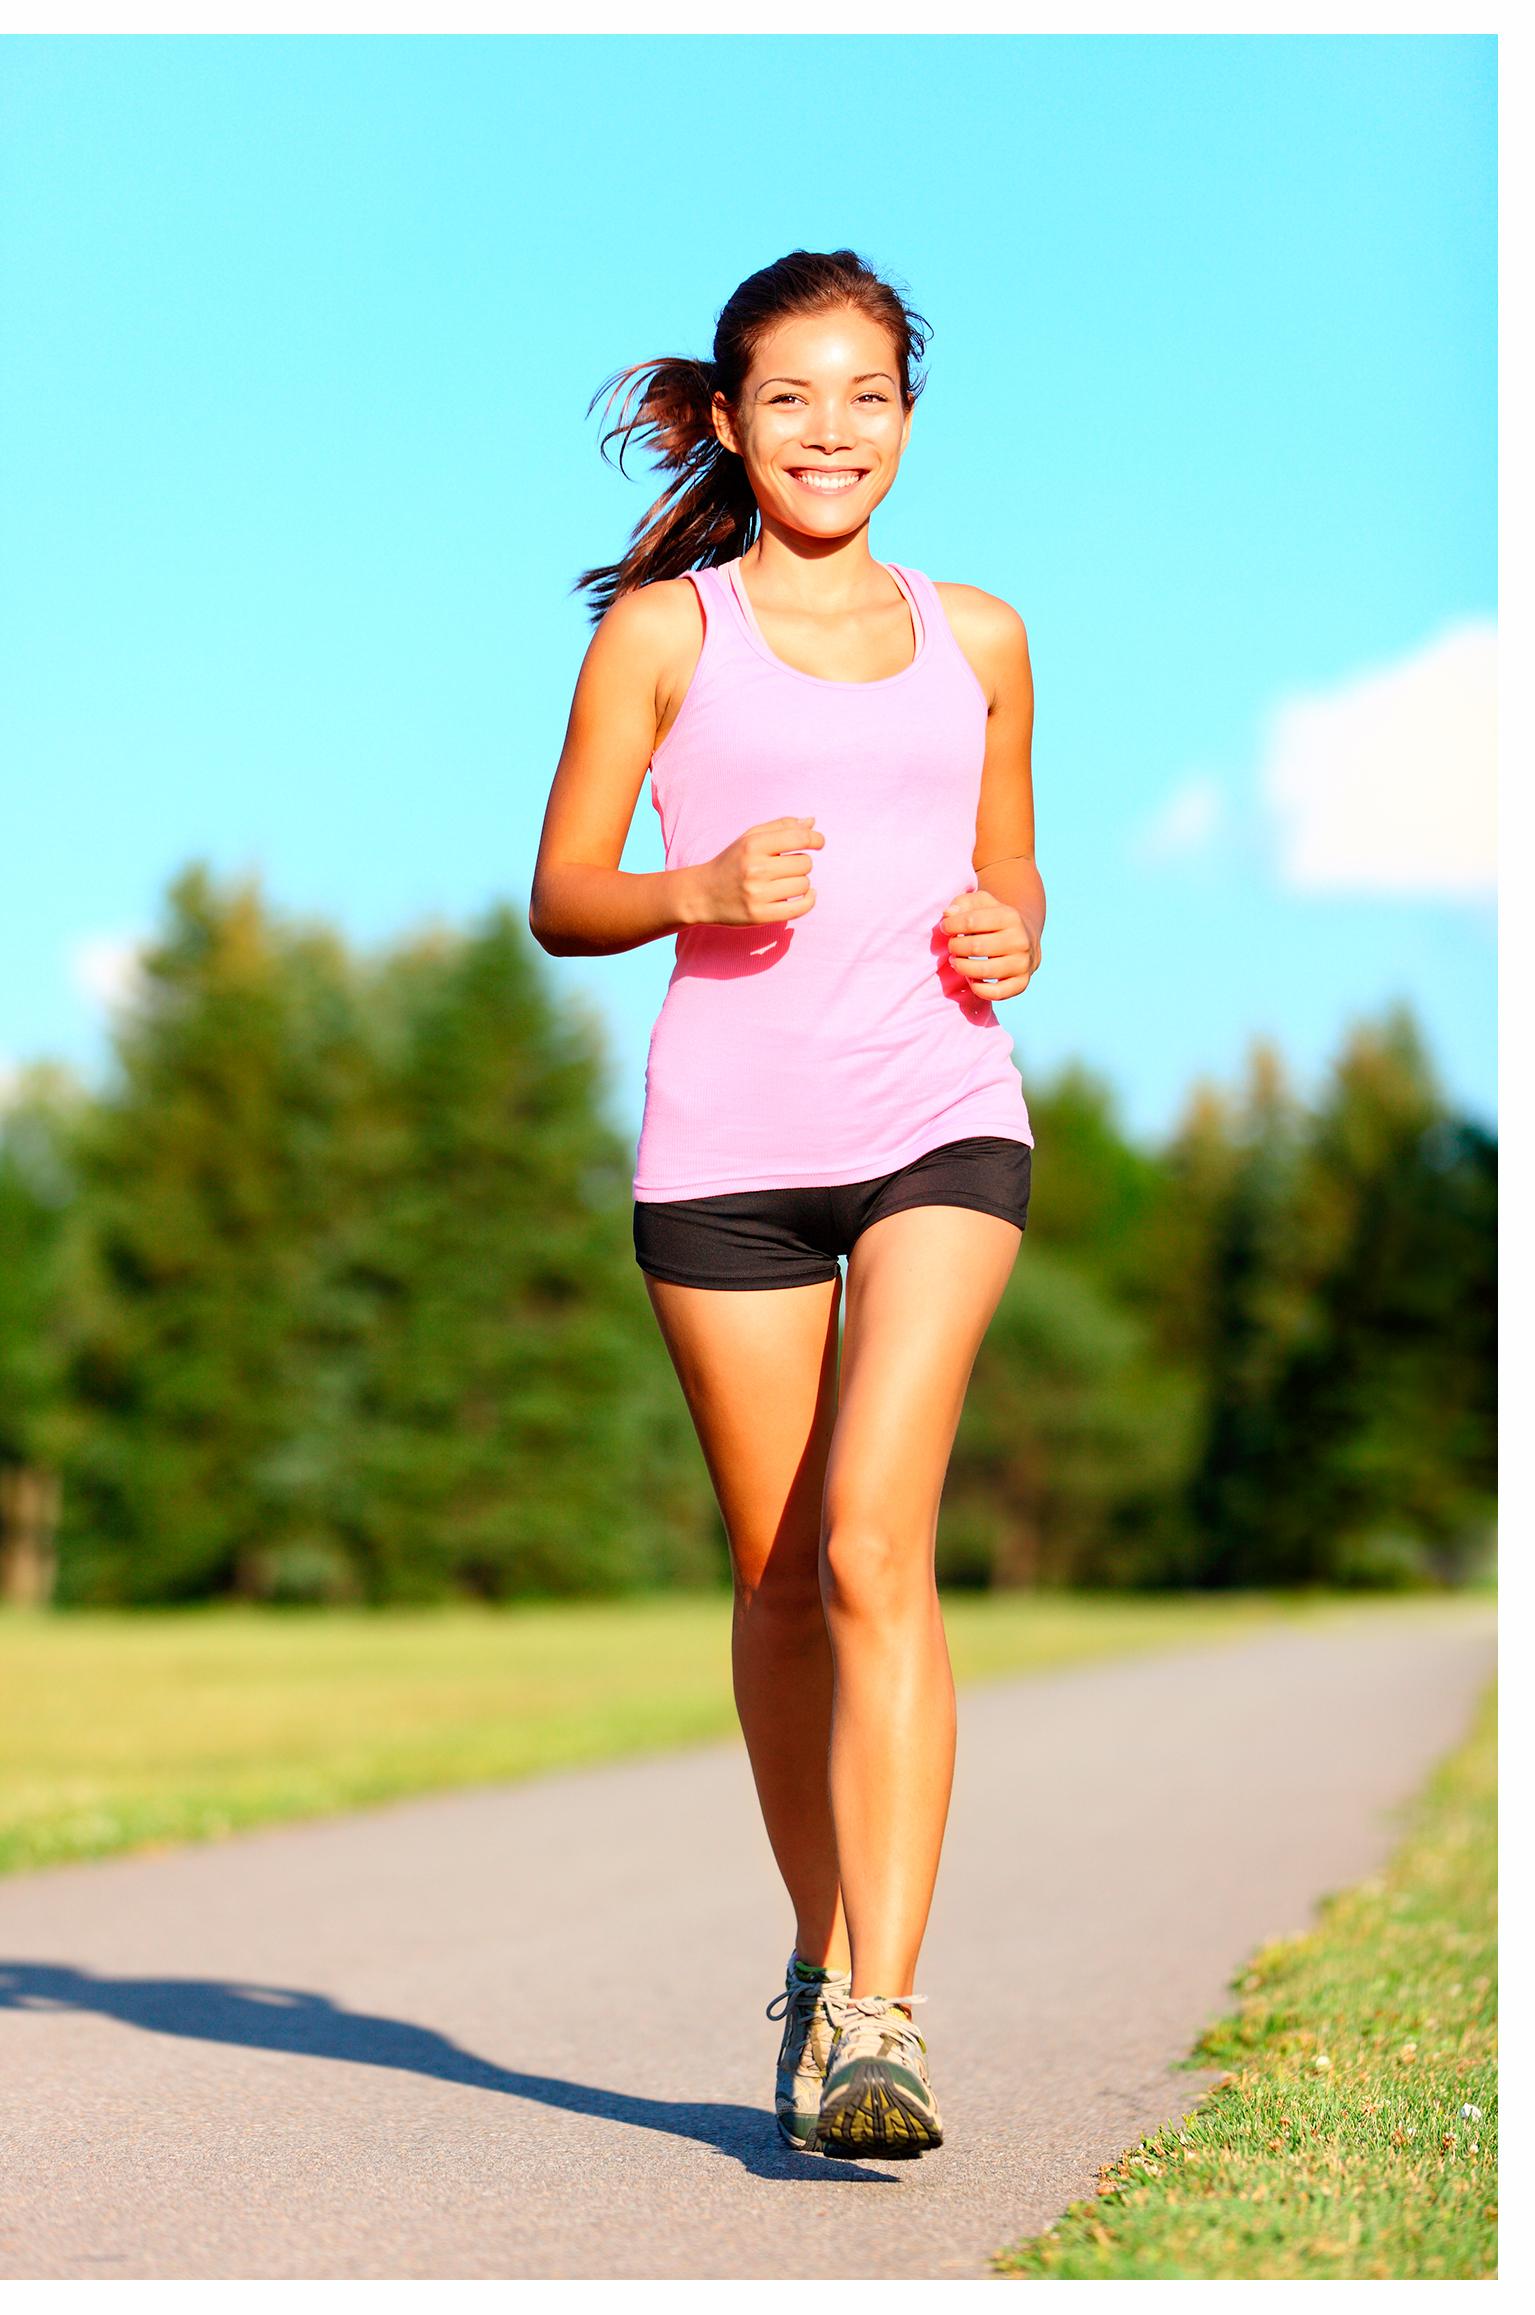 Como eliminar la grasa del abdomen sin hacer ejercicio Tadtong, Amornrat